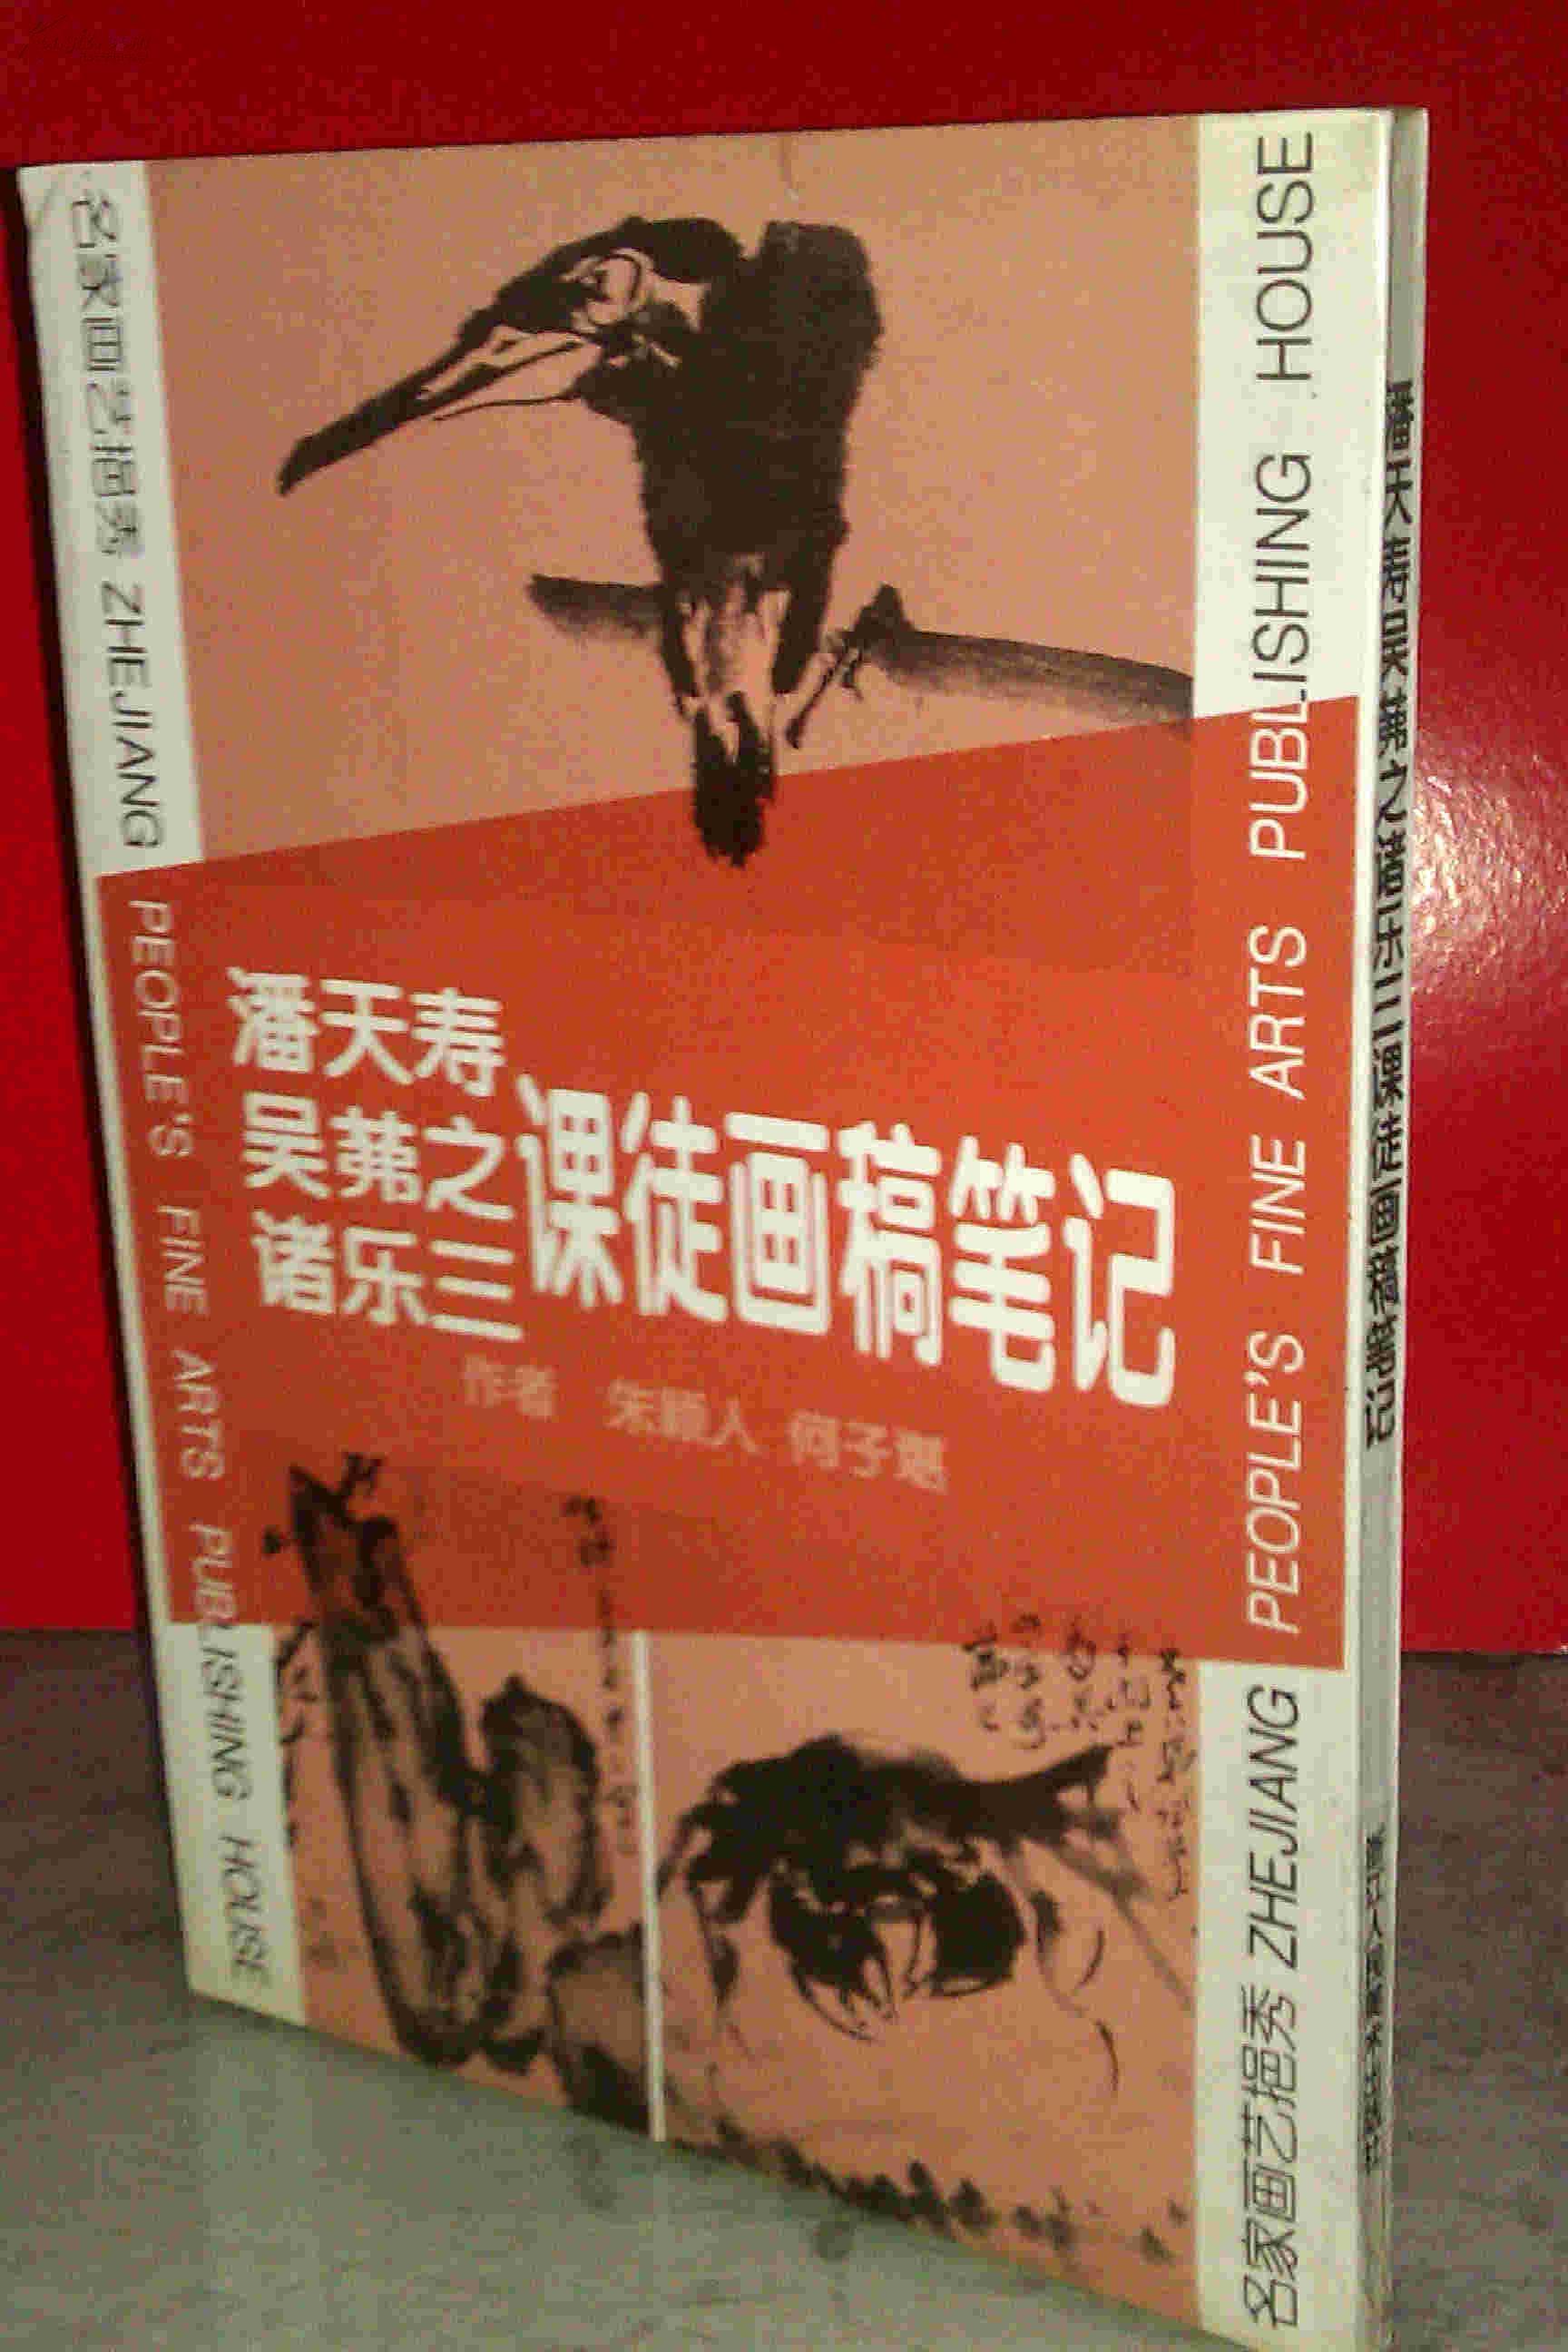 潘天寿.吴茀之.诸乐三.课徒画稿笔记   私藏未阅近全新  浙江人民美术出版社一版二印